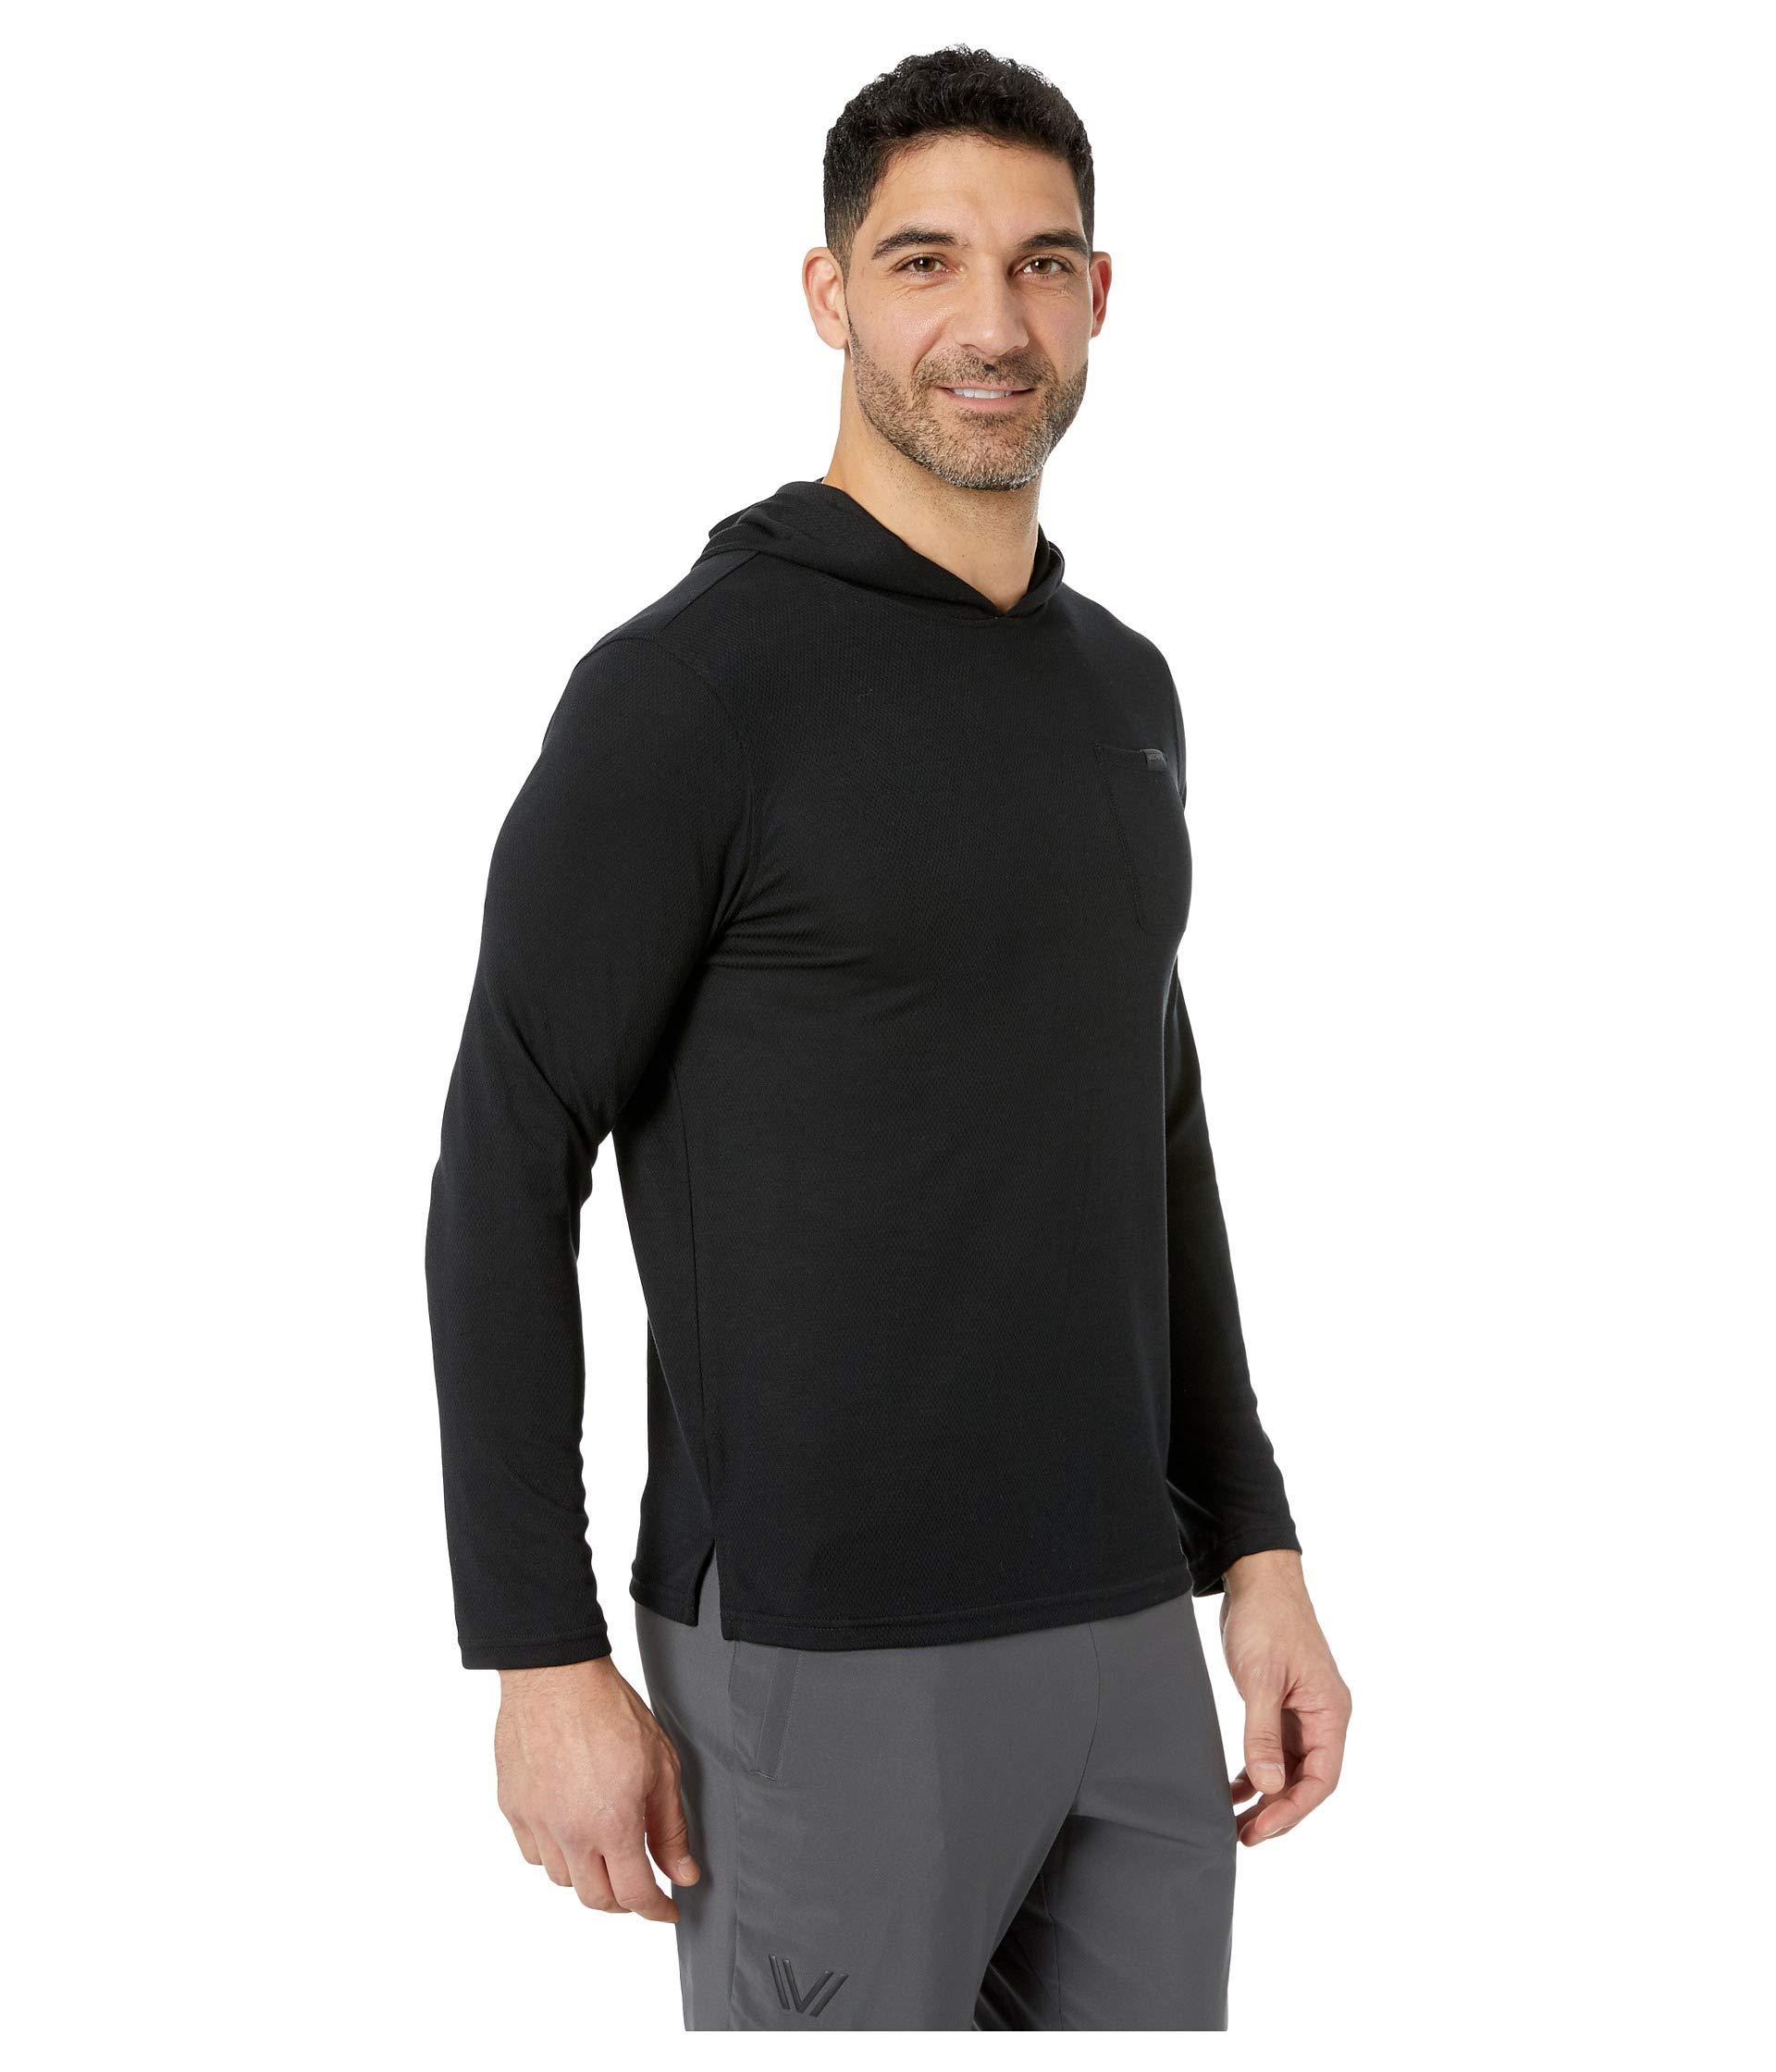 Skechers Diffusion Pullover Black Diffusion Skechers z4rxzq